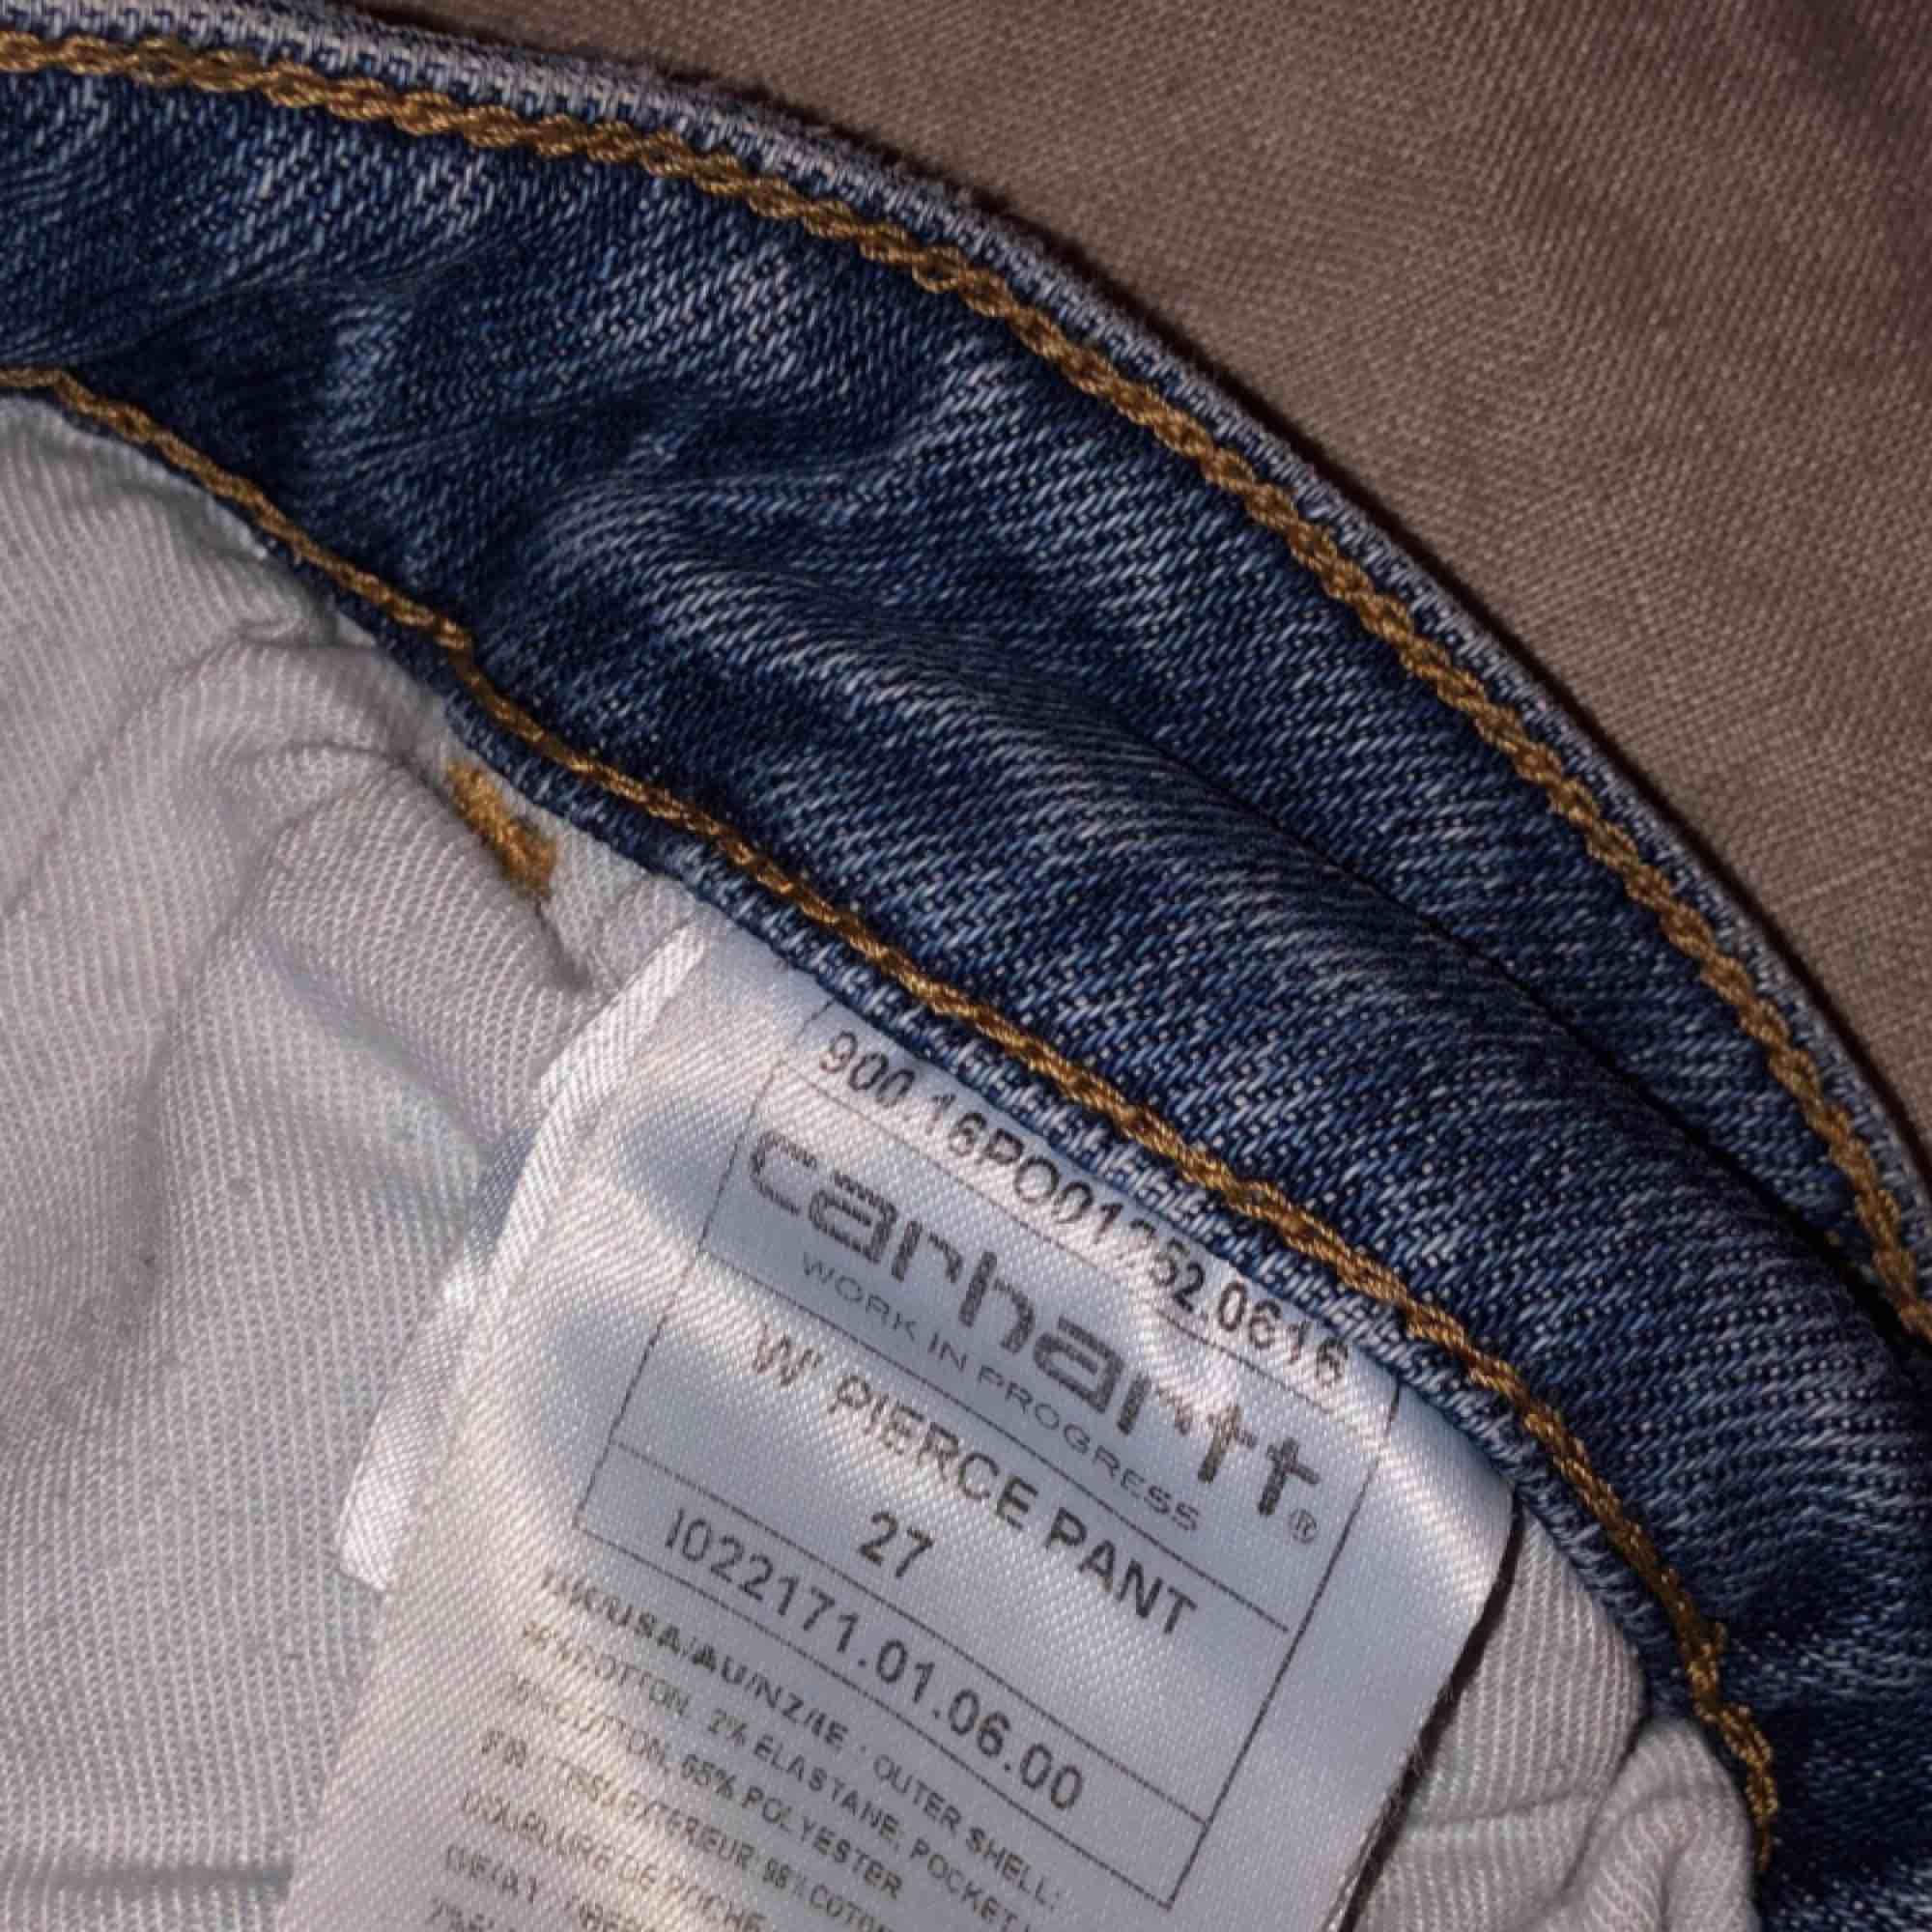 ett par carhartt jeans köpta här på plick, tvärt var dem förstora för mig, så jag själv har aldrig använt dem och ägaren innan har använt dem sparsamt. dem är raka/ vida i modellen frakt ligger på 63kr💌 dm för mer info🥰. Jeans & Byxor.